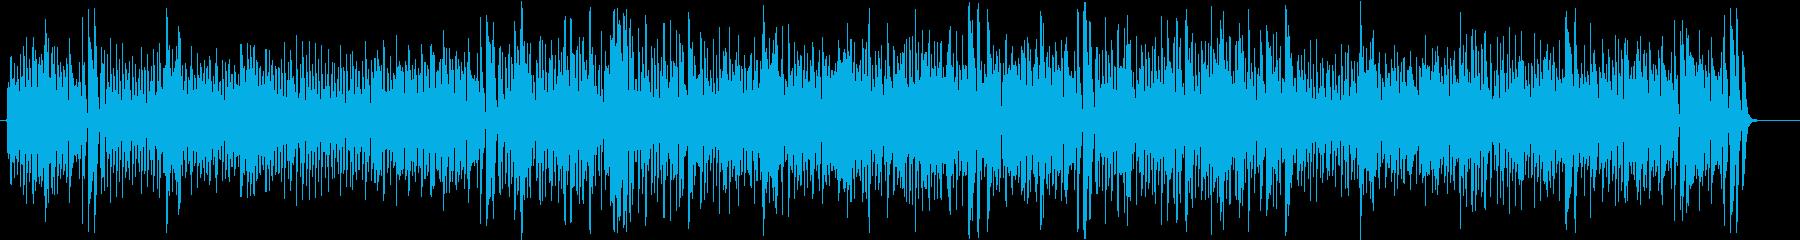 コミカル・大忙しなフランスジャズ※伴奏版の再生済みの波形